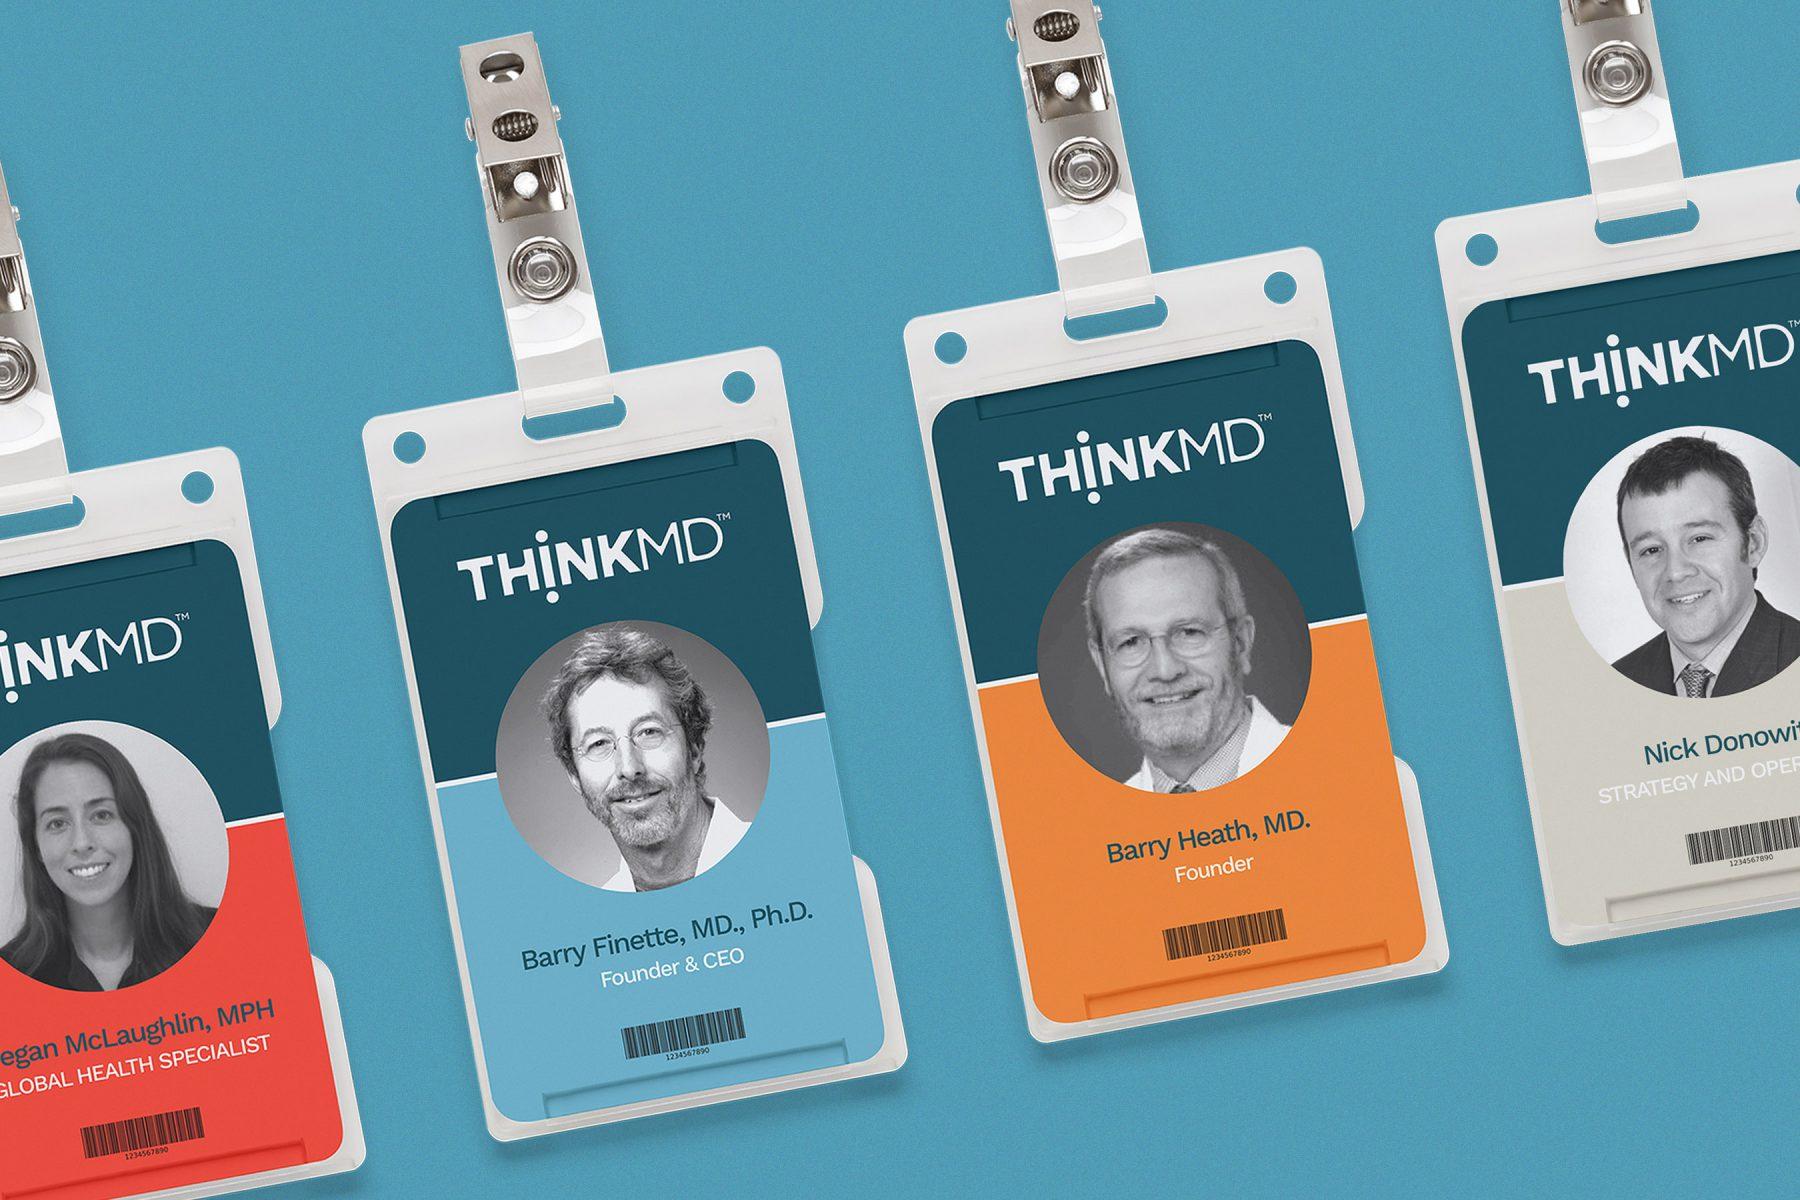 ThinkMD